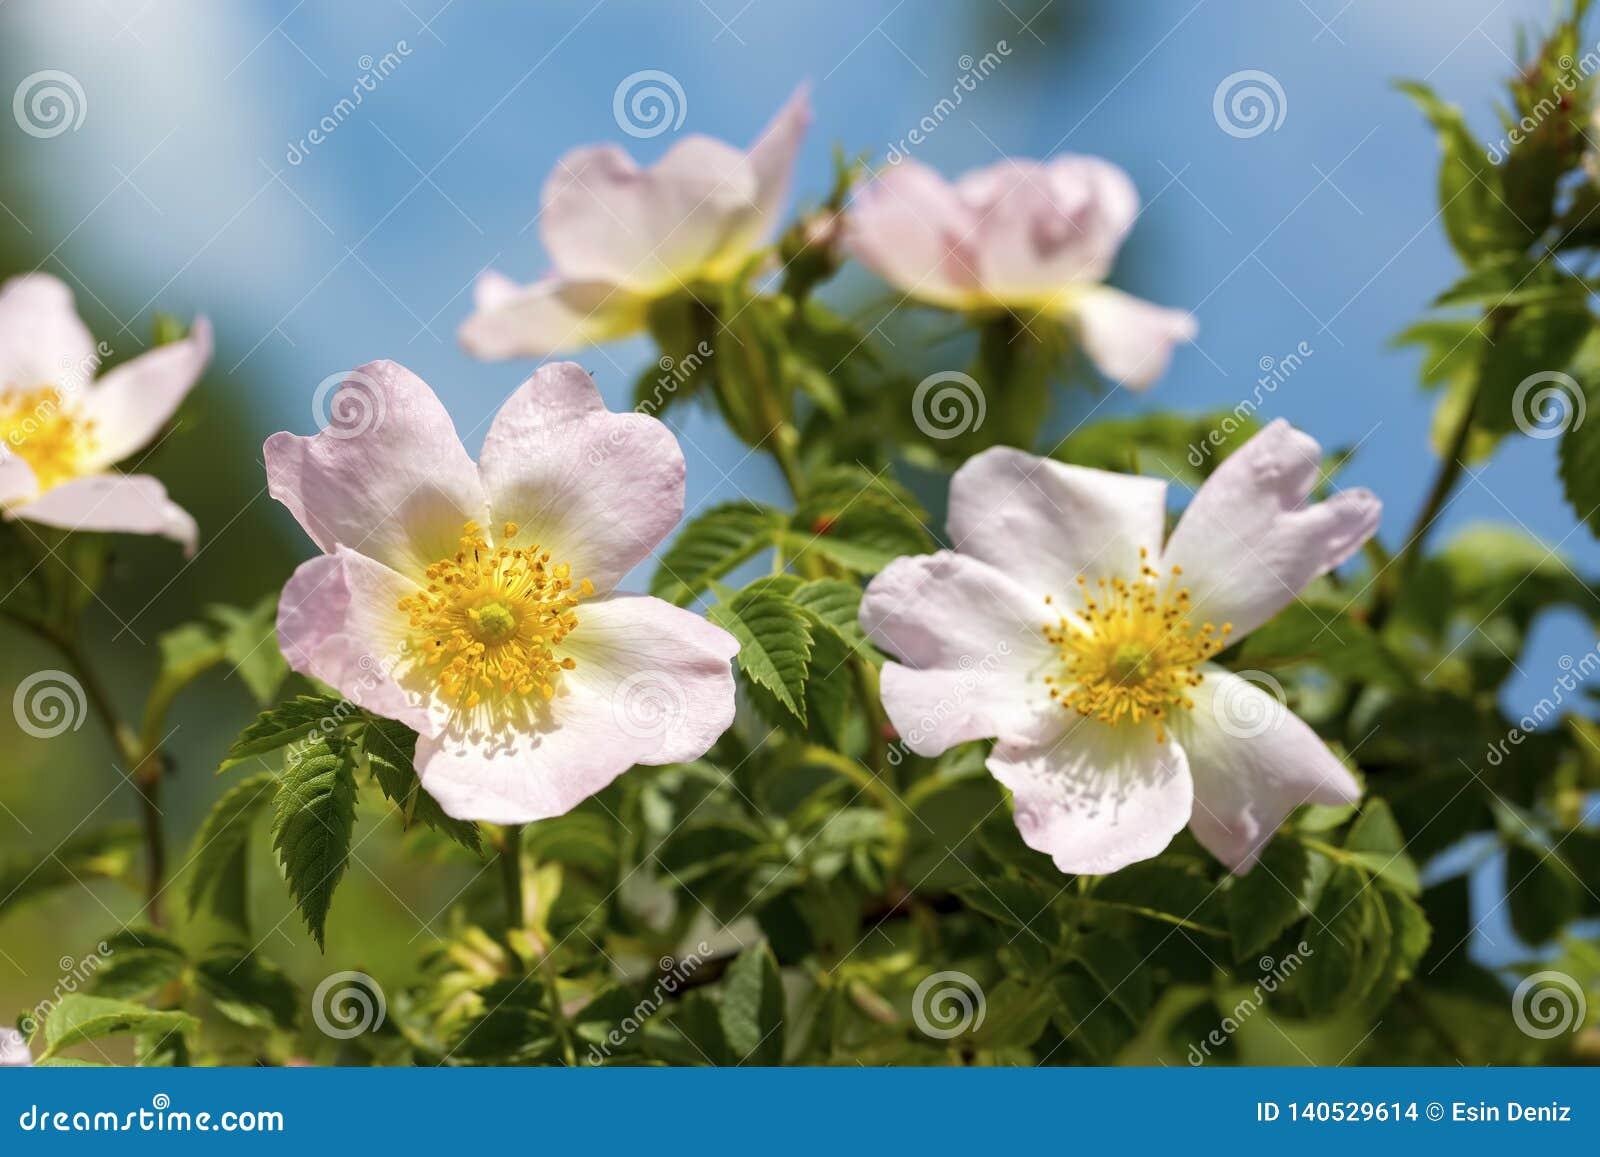 Lös Rose Rosa canina med öppna kronblad i vår